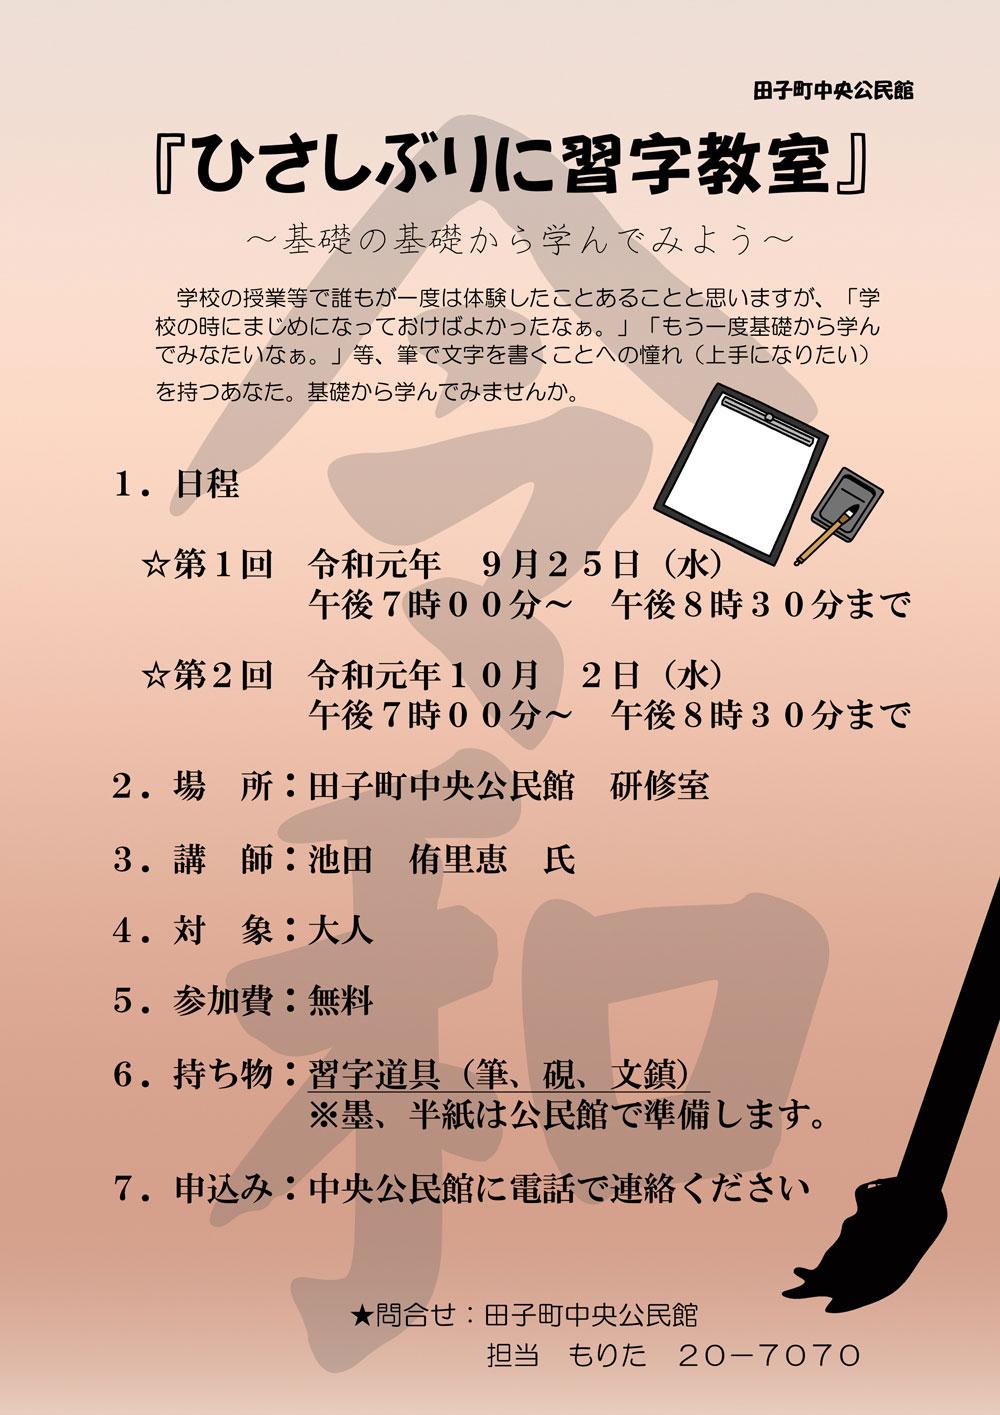 久しぶりに習字教室 田子町中央公民館